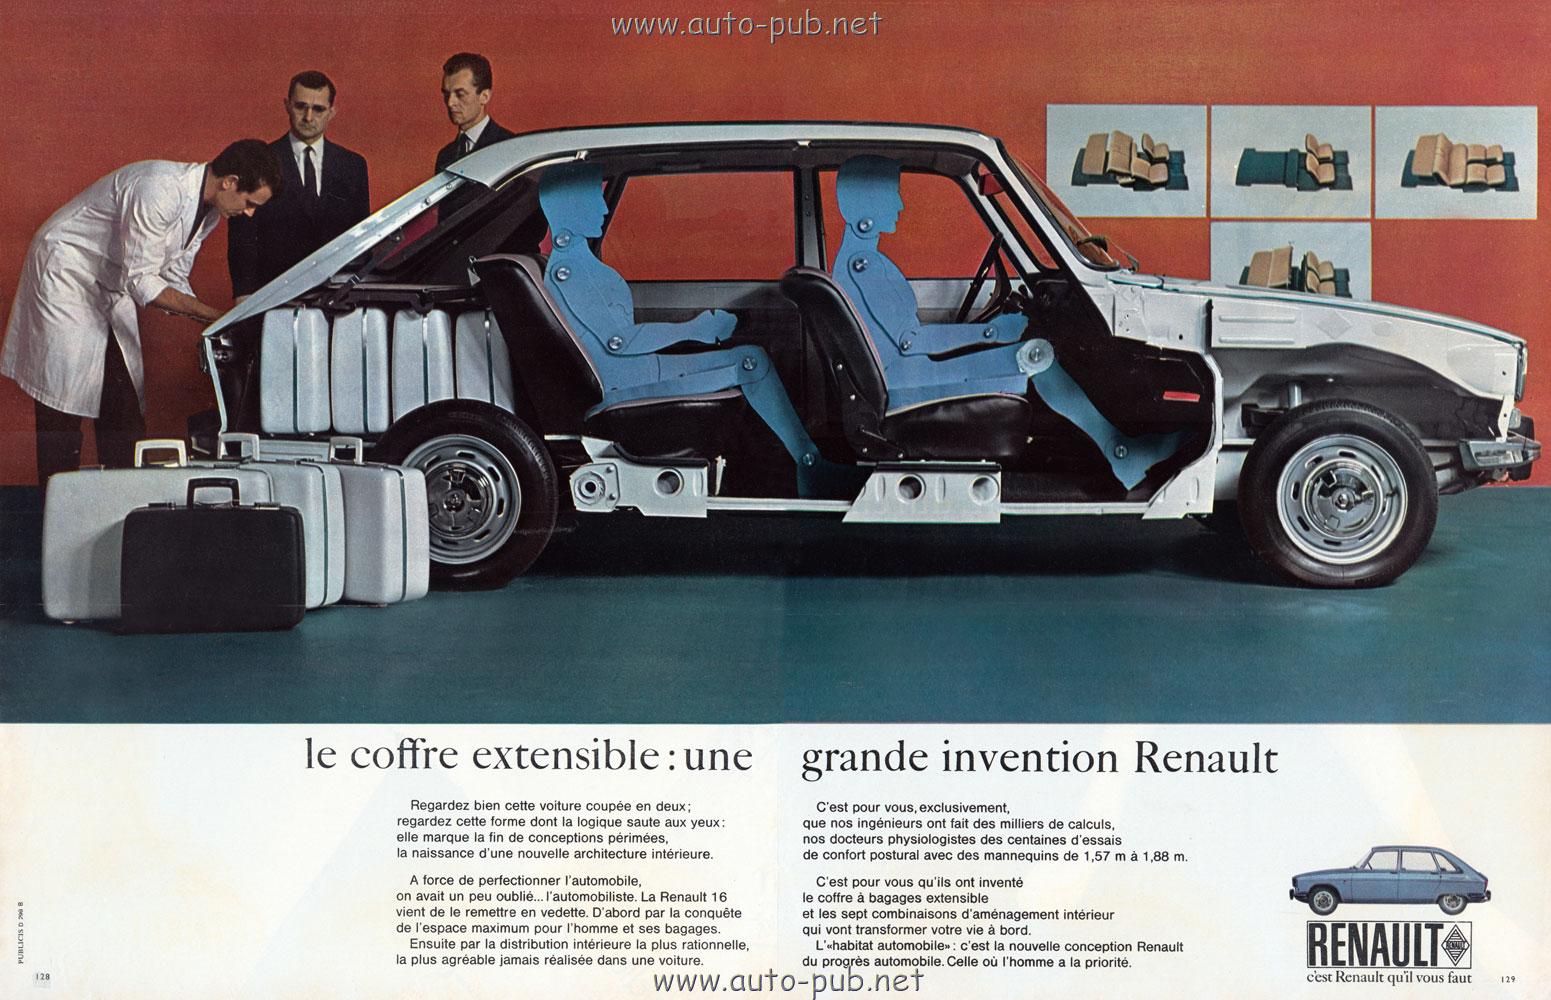 les publicit s automobiles. Black Bedroom Furniture Sets. Home Design Ideas